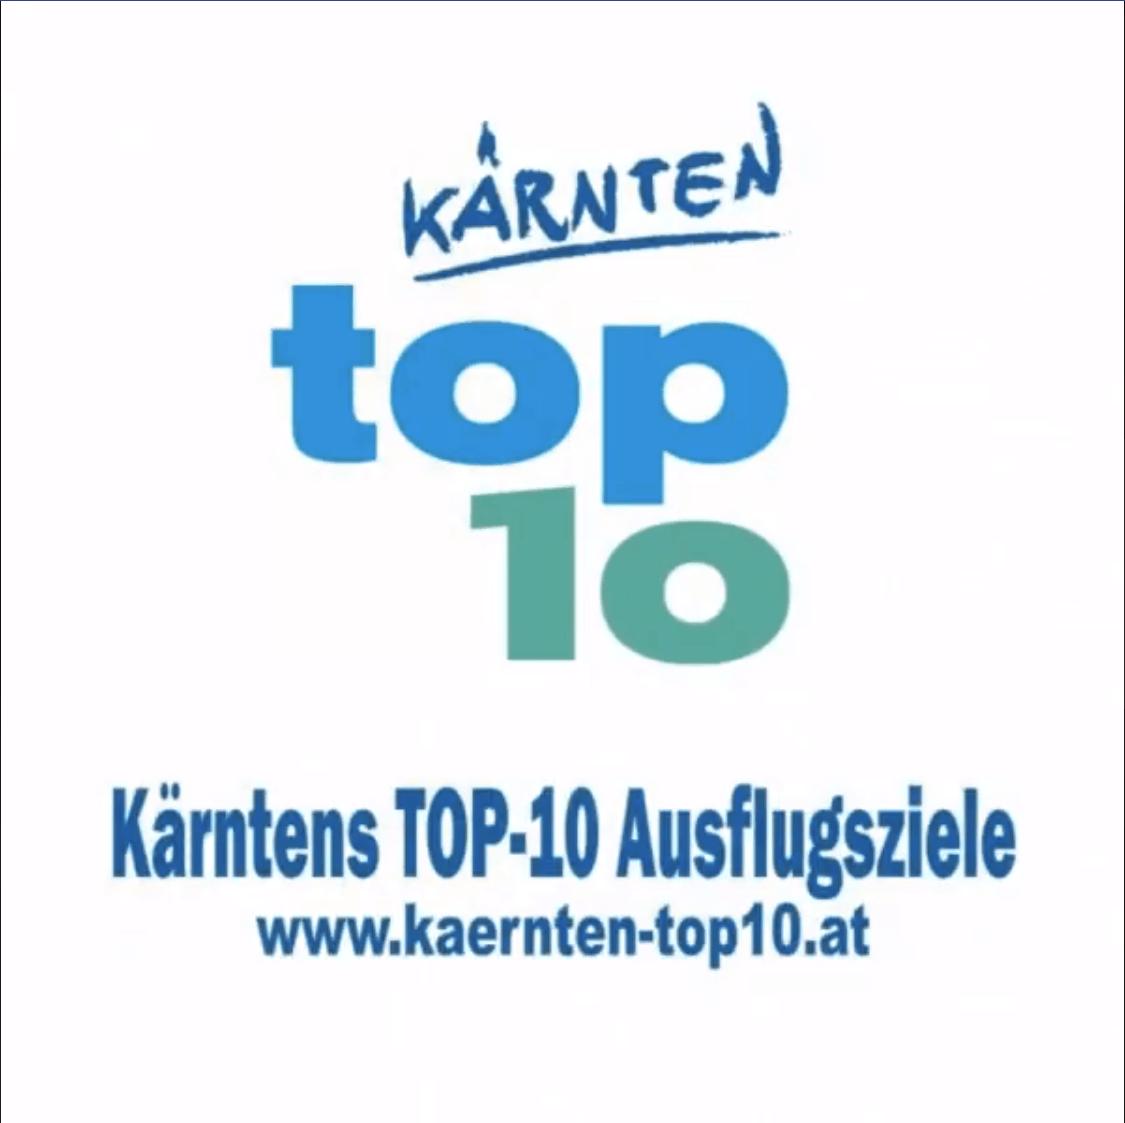 Kärntens TOP Ausflugsziel Großglockner Hochalpenstraße - Panoramastraße in Österreich